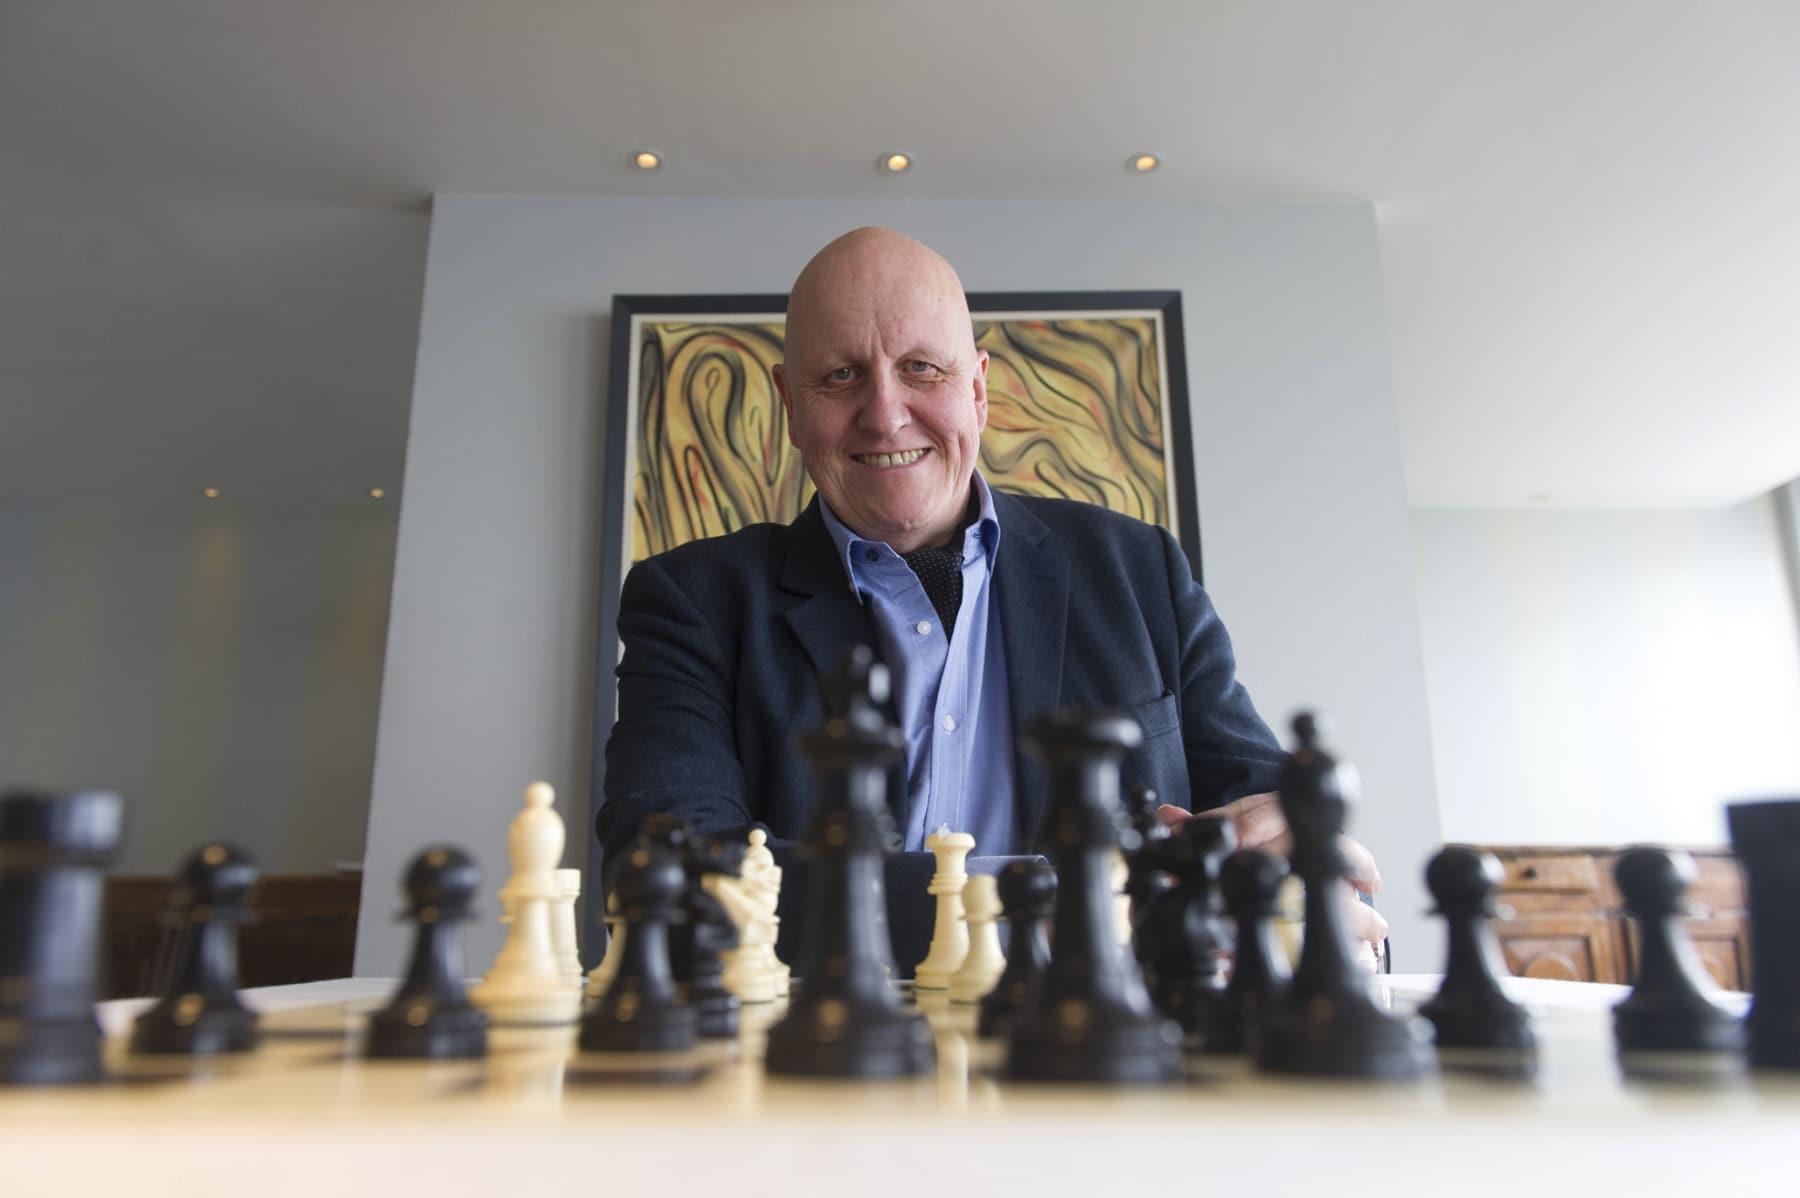 tradewise-chess-festival-entrevistas-y-ambiente33_12249030785_o